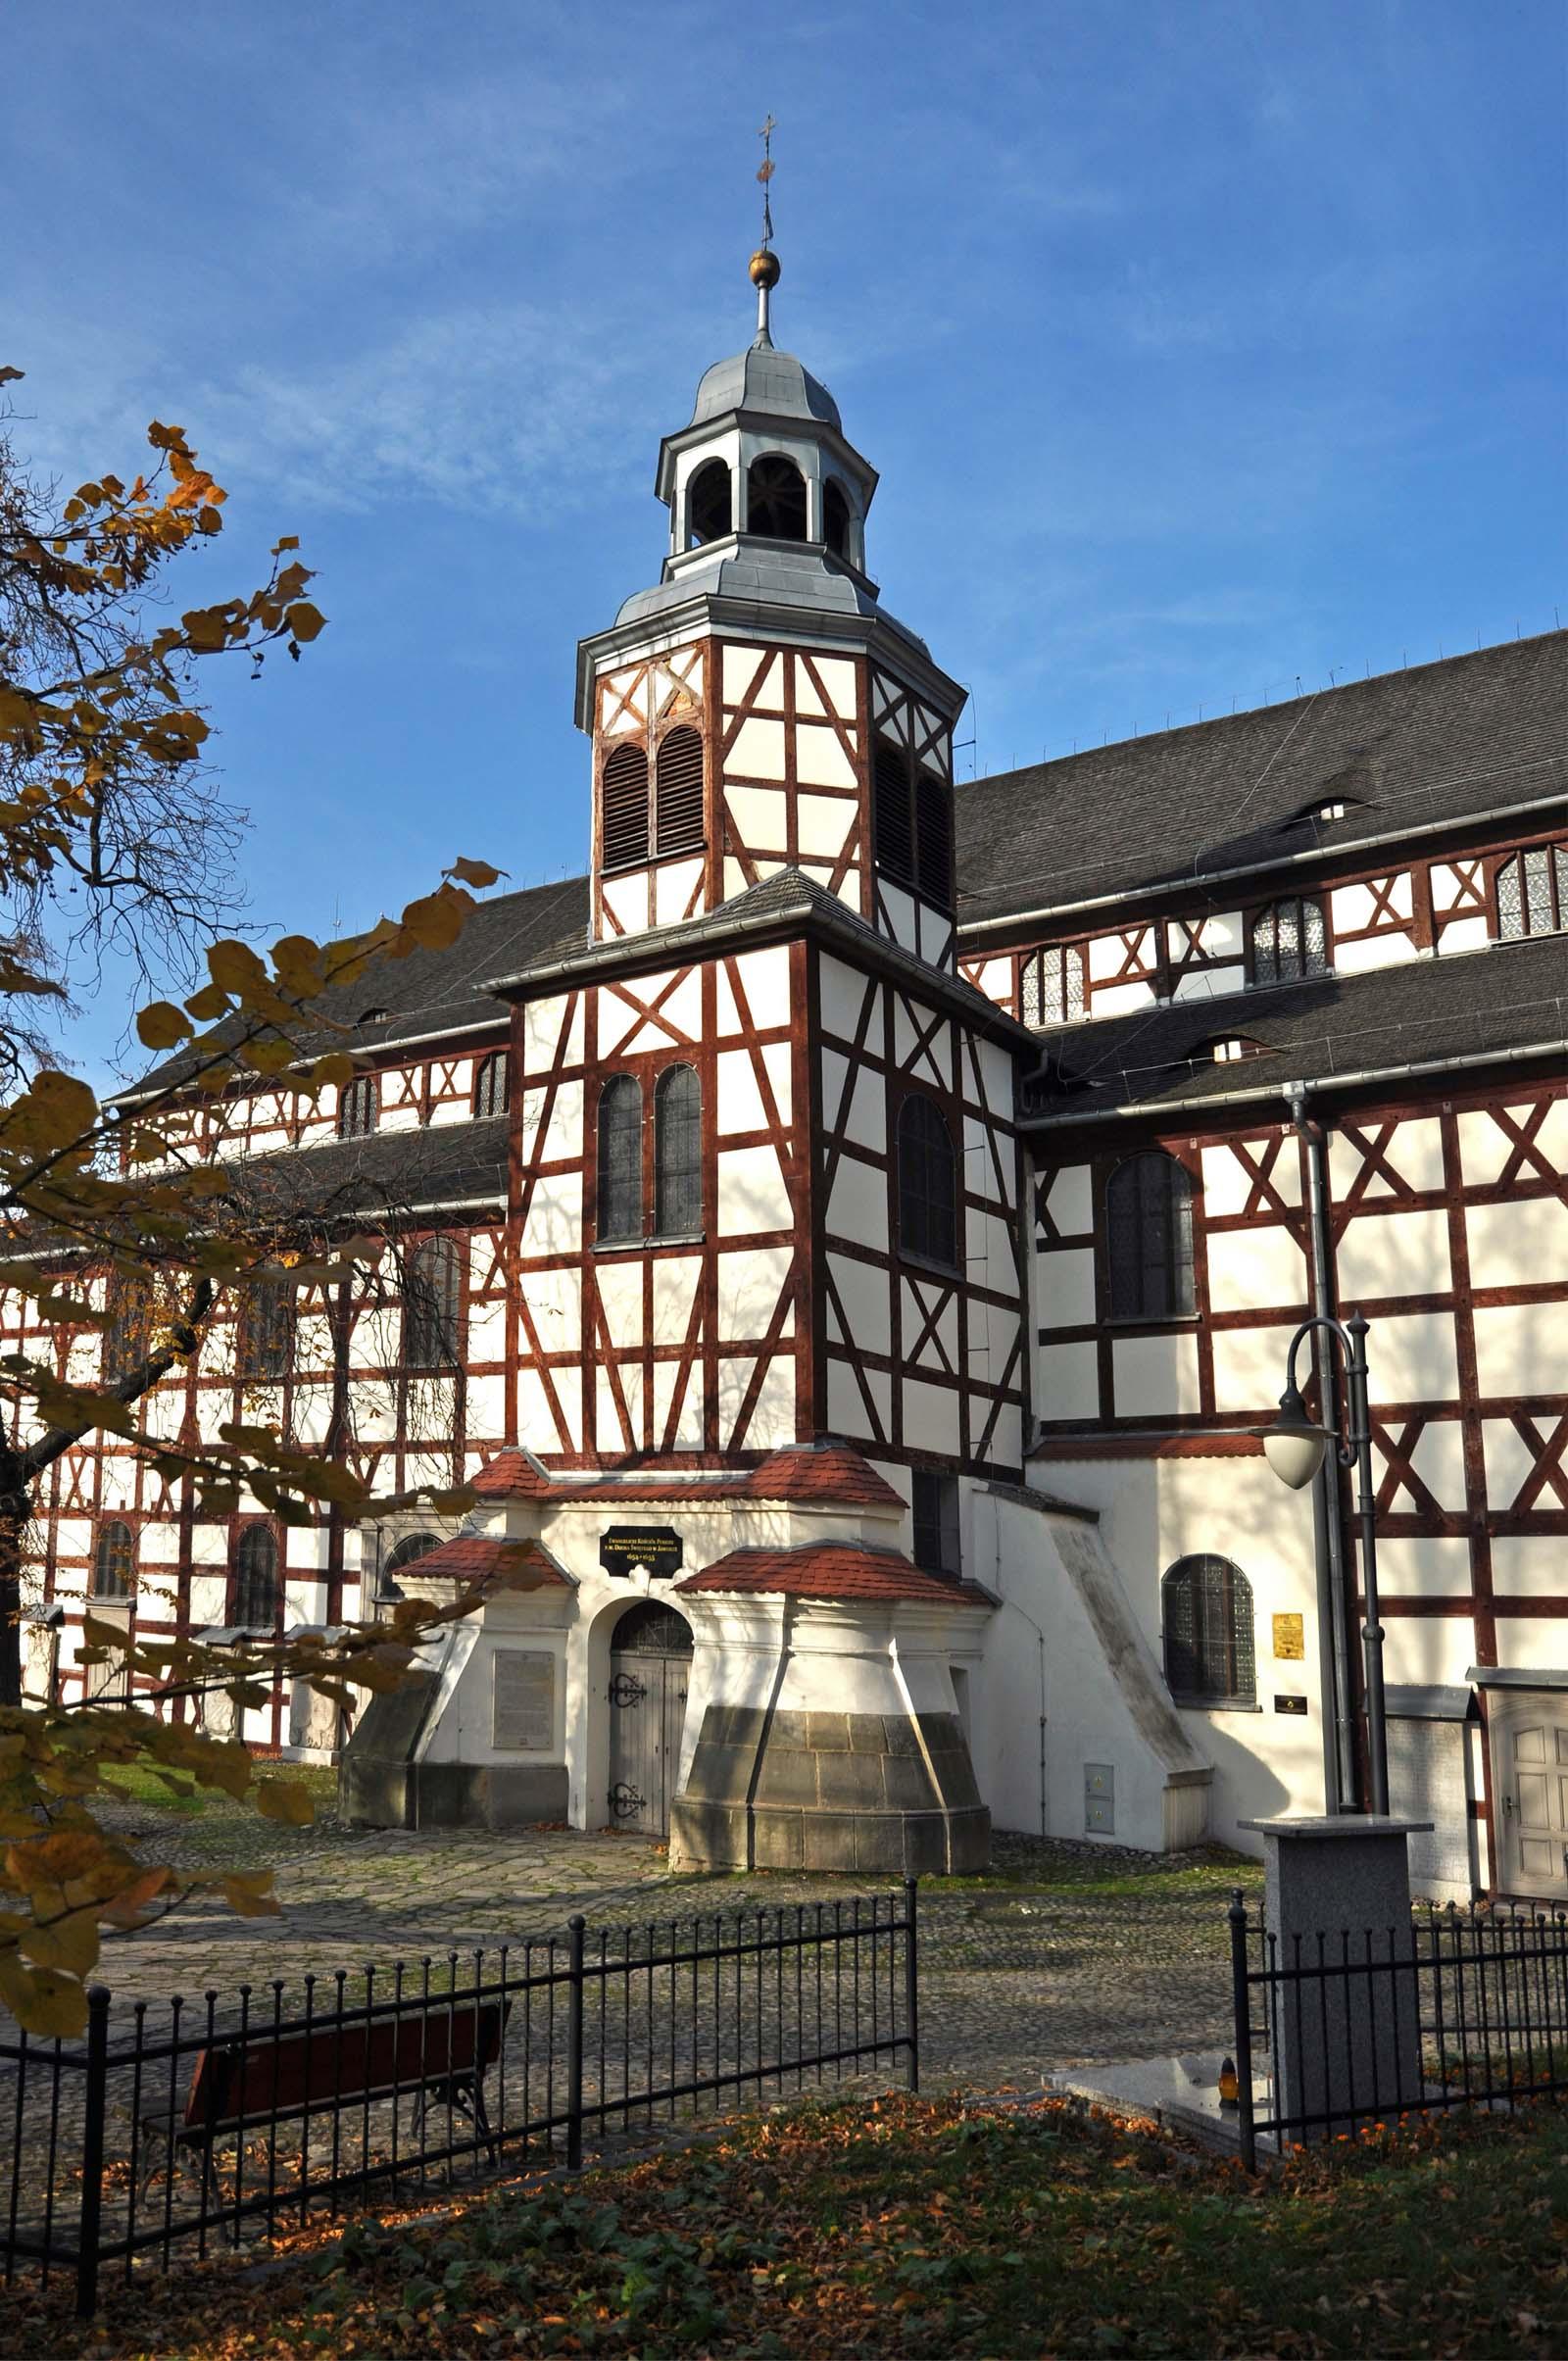 Dzwonnica z cebulastym hełmem i latarnią, Kościół Pokoju pw. Ducha Świętego w Jaworze, Polska